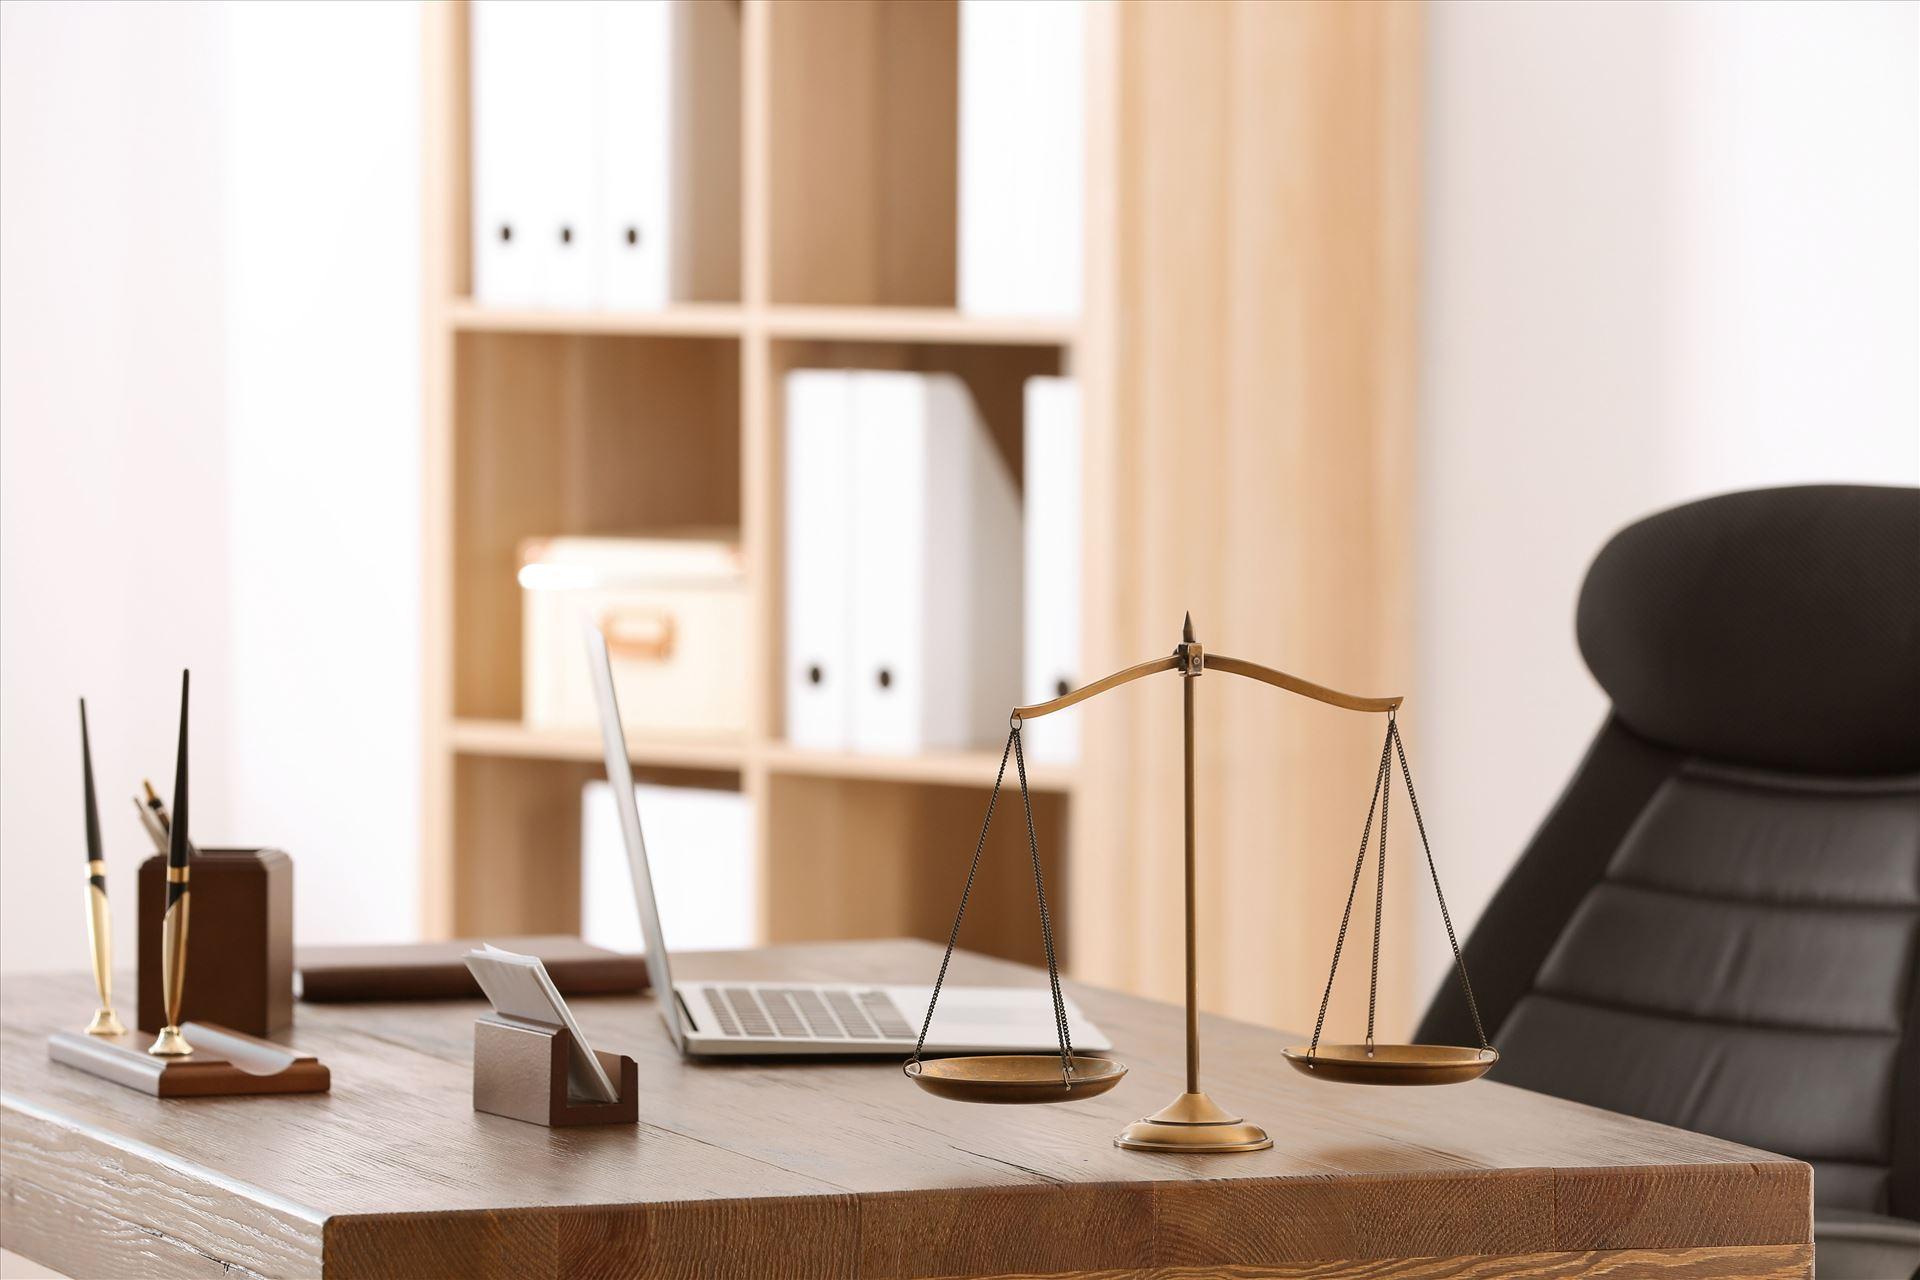 משרד עורכי דין בתל אביב של עורכת הדין אסתי עוקב